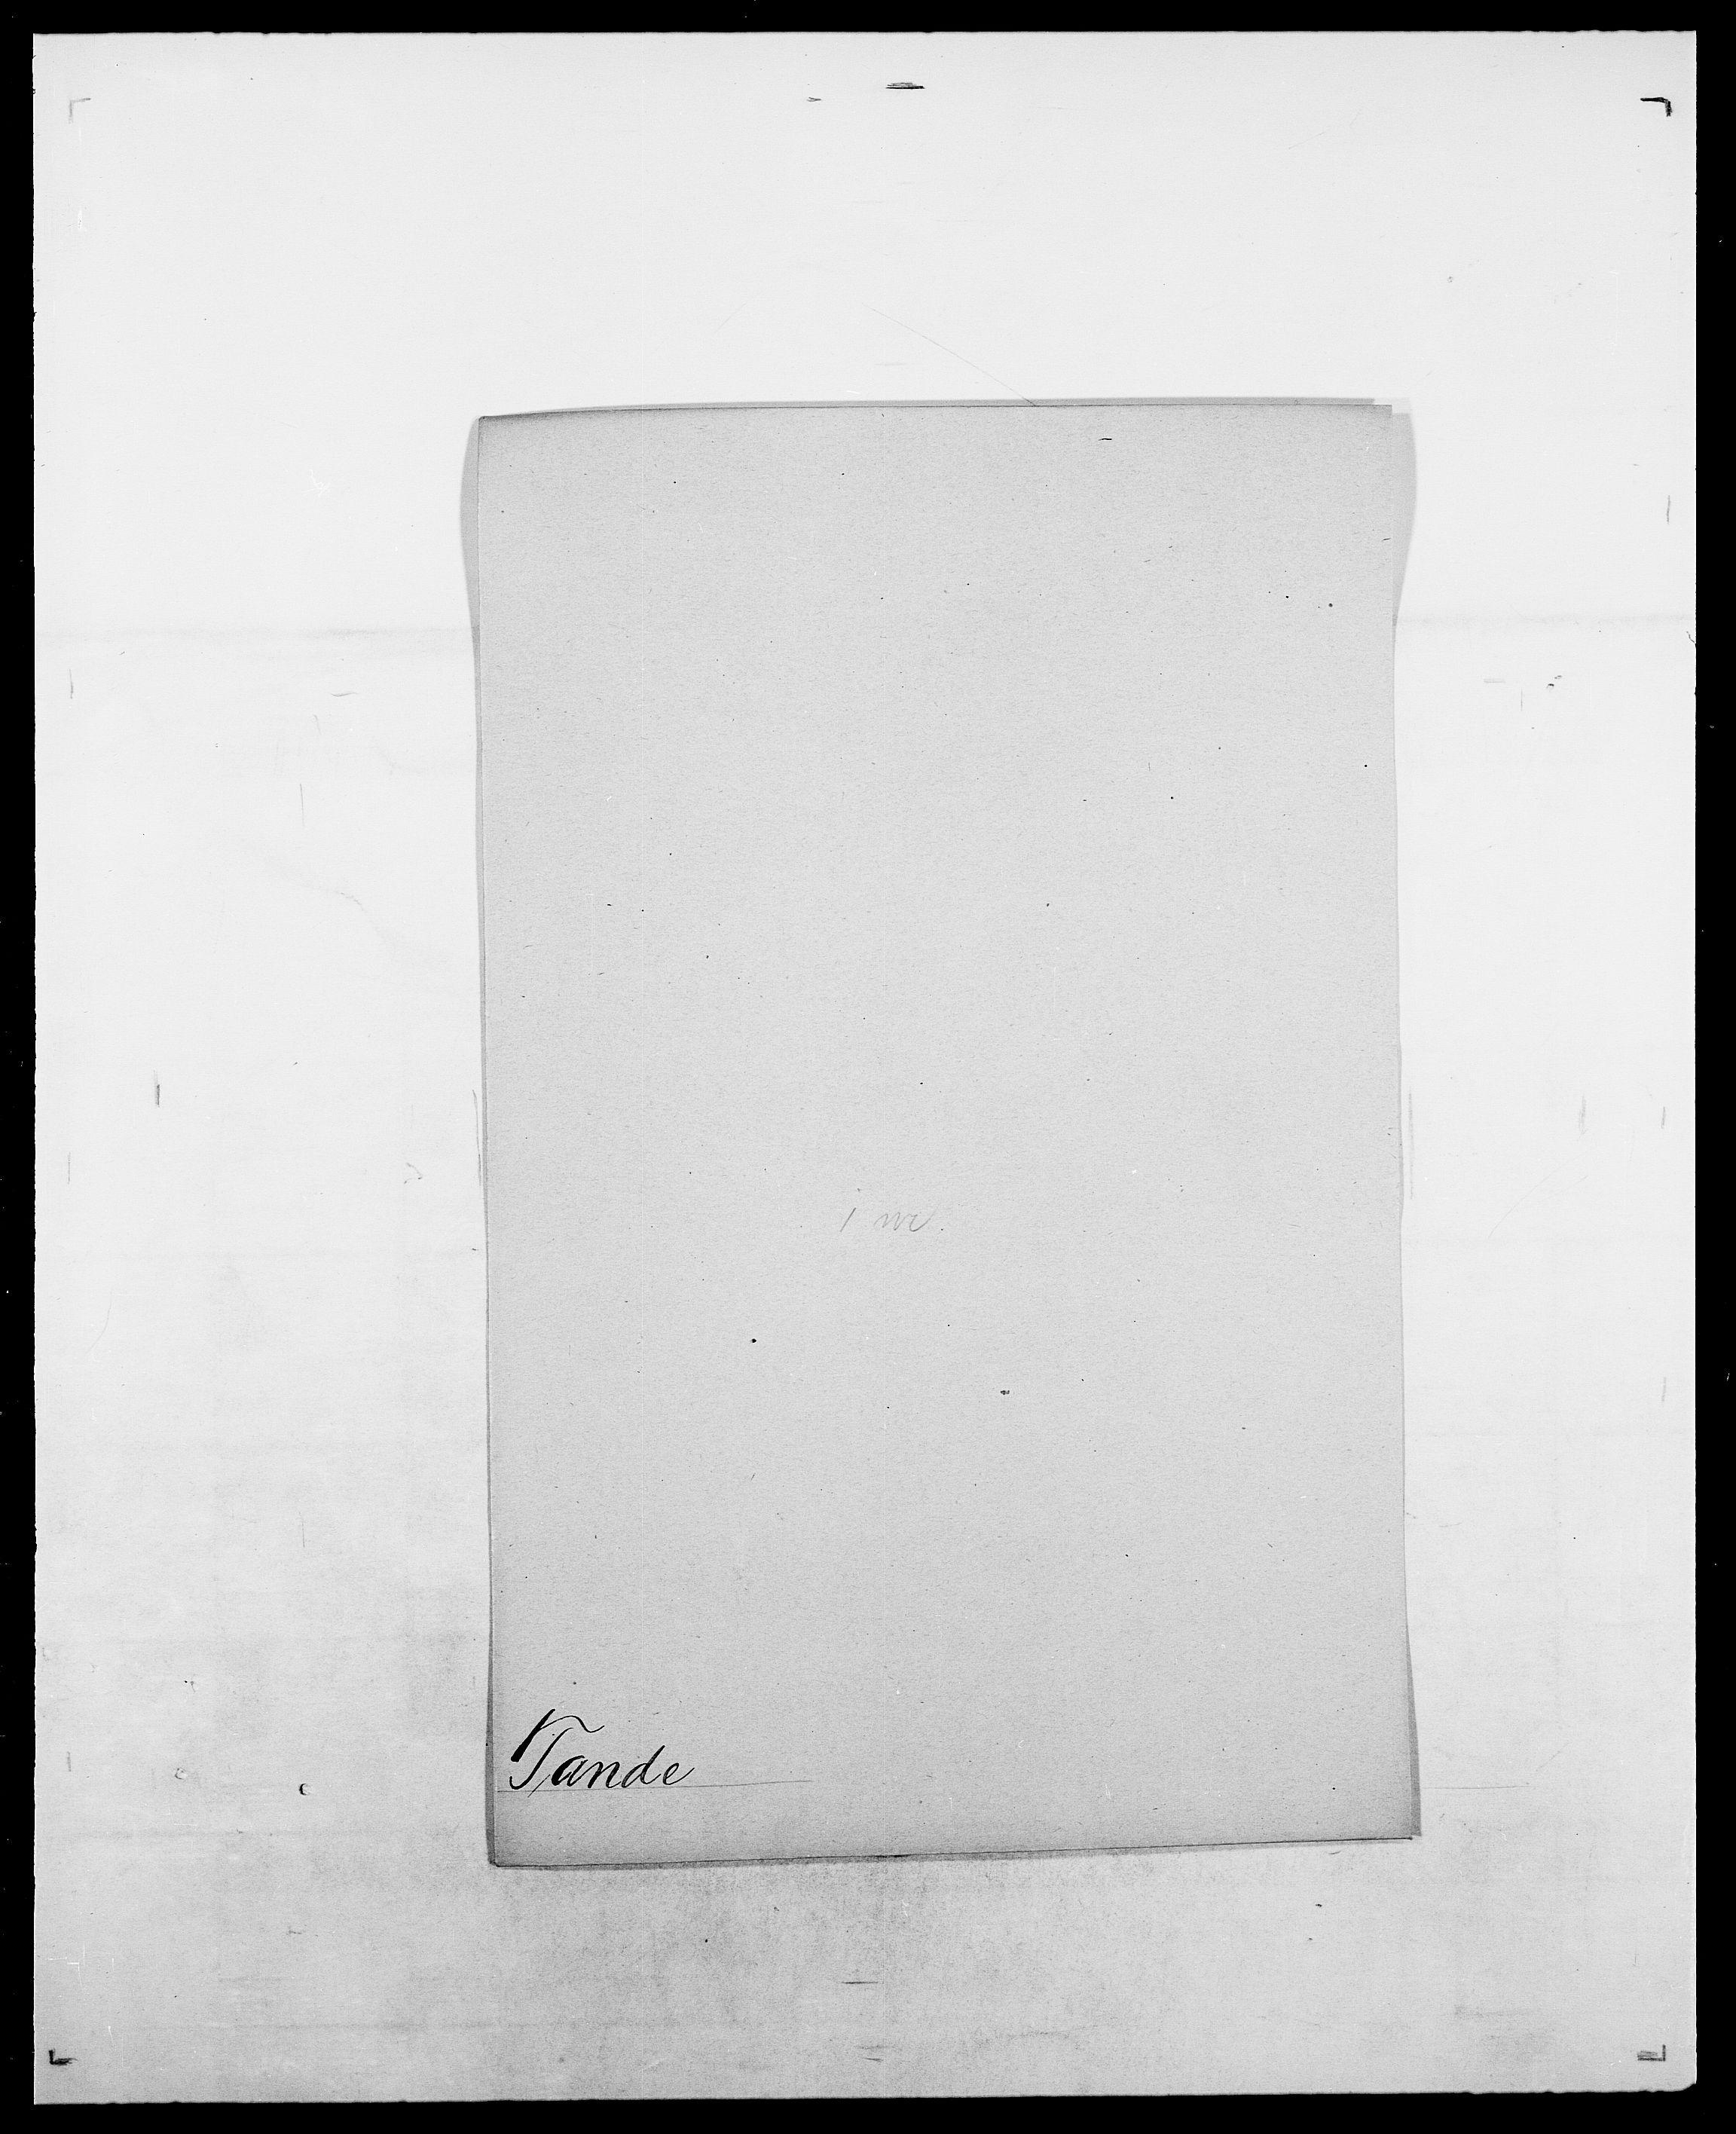 SAO, Delgobe, Charles Antoine - samling, D/Da/L0038: Svanenskjold - Thornsohn, s. 312